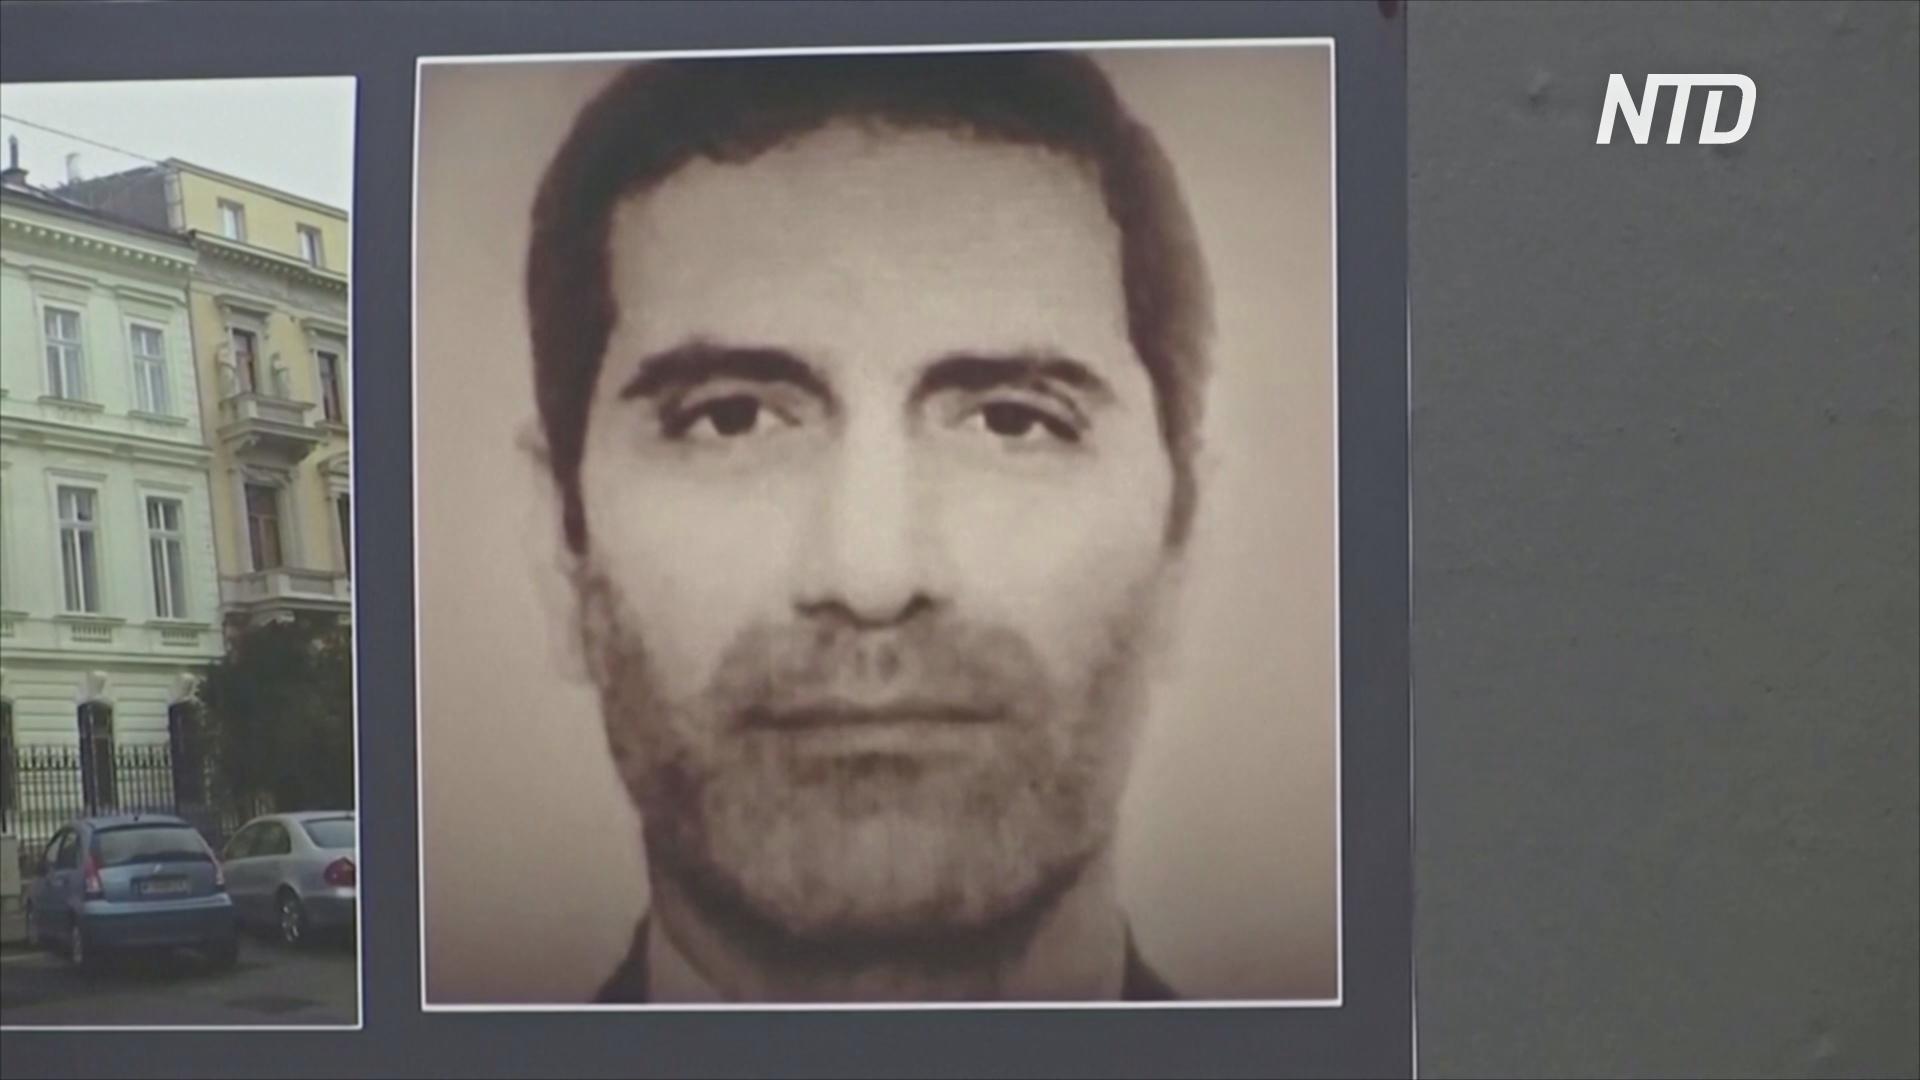 В ЕС иранскому дипломату дали 20 лет тюрьмы за планирование теракта